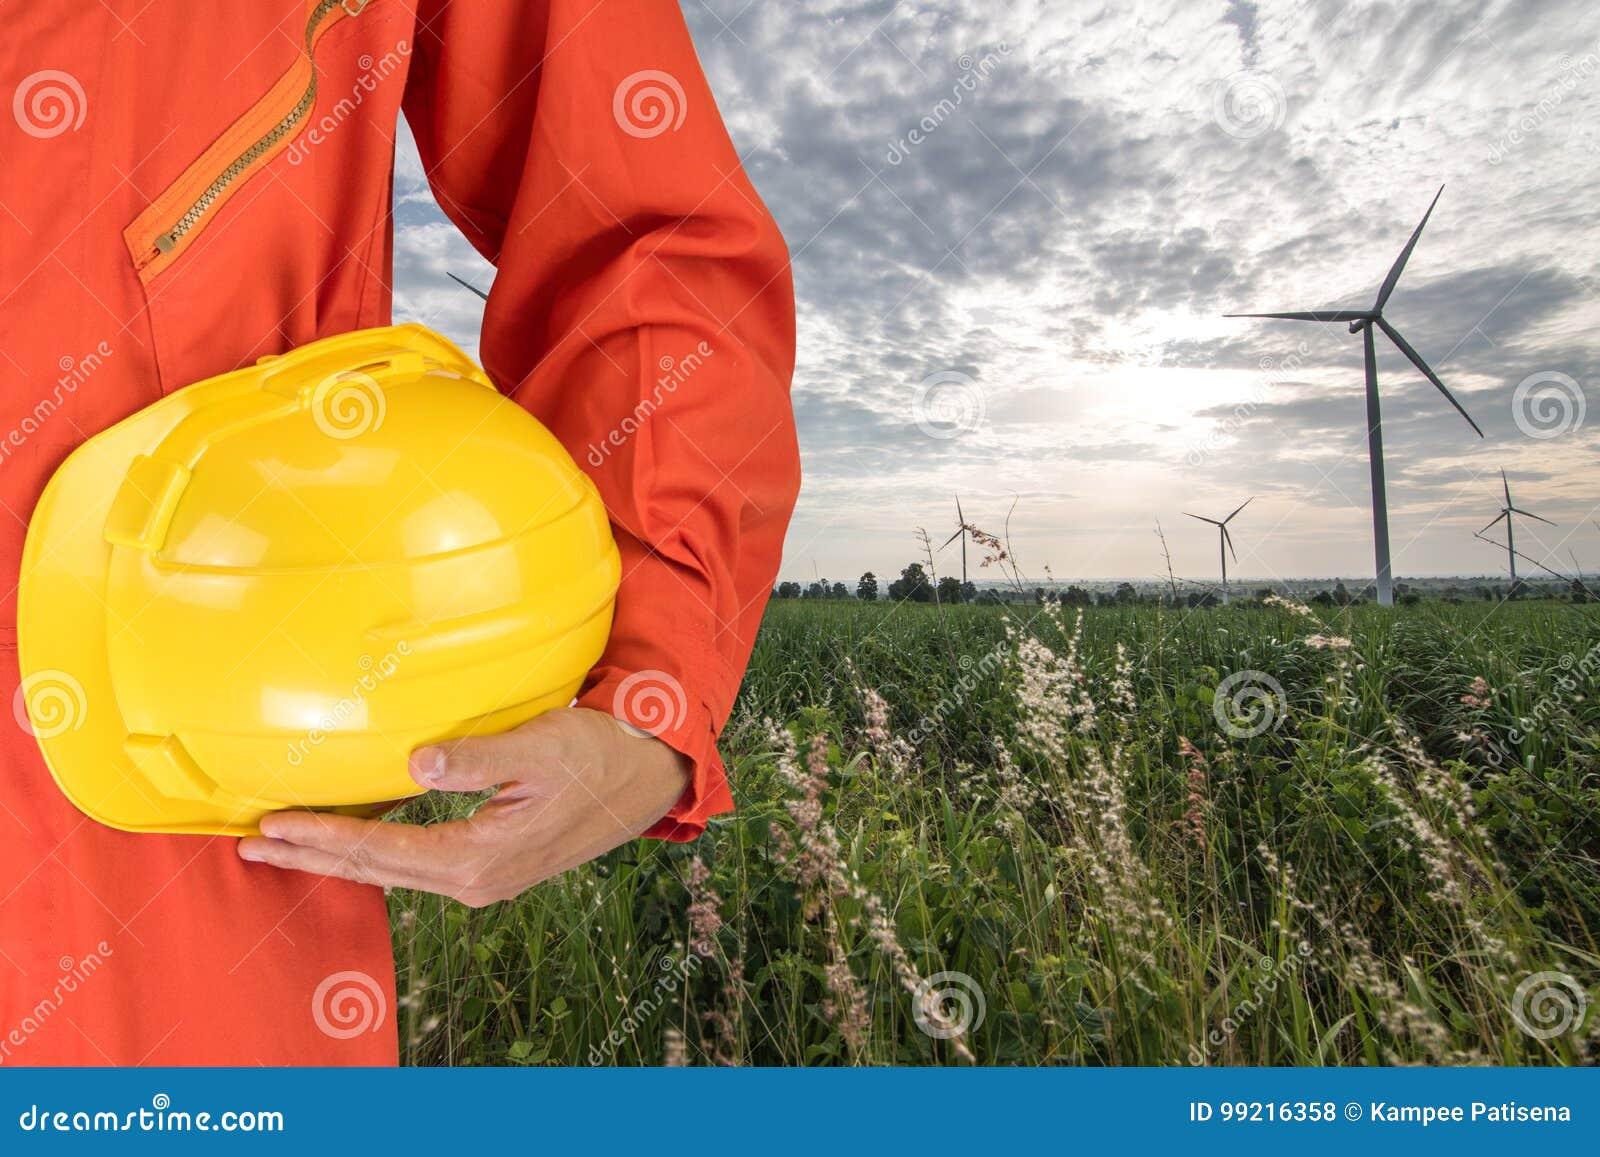 O terno e a mão da segurança guardam o capacete amarelo com gener das turbinas eólicas